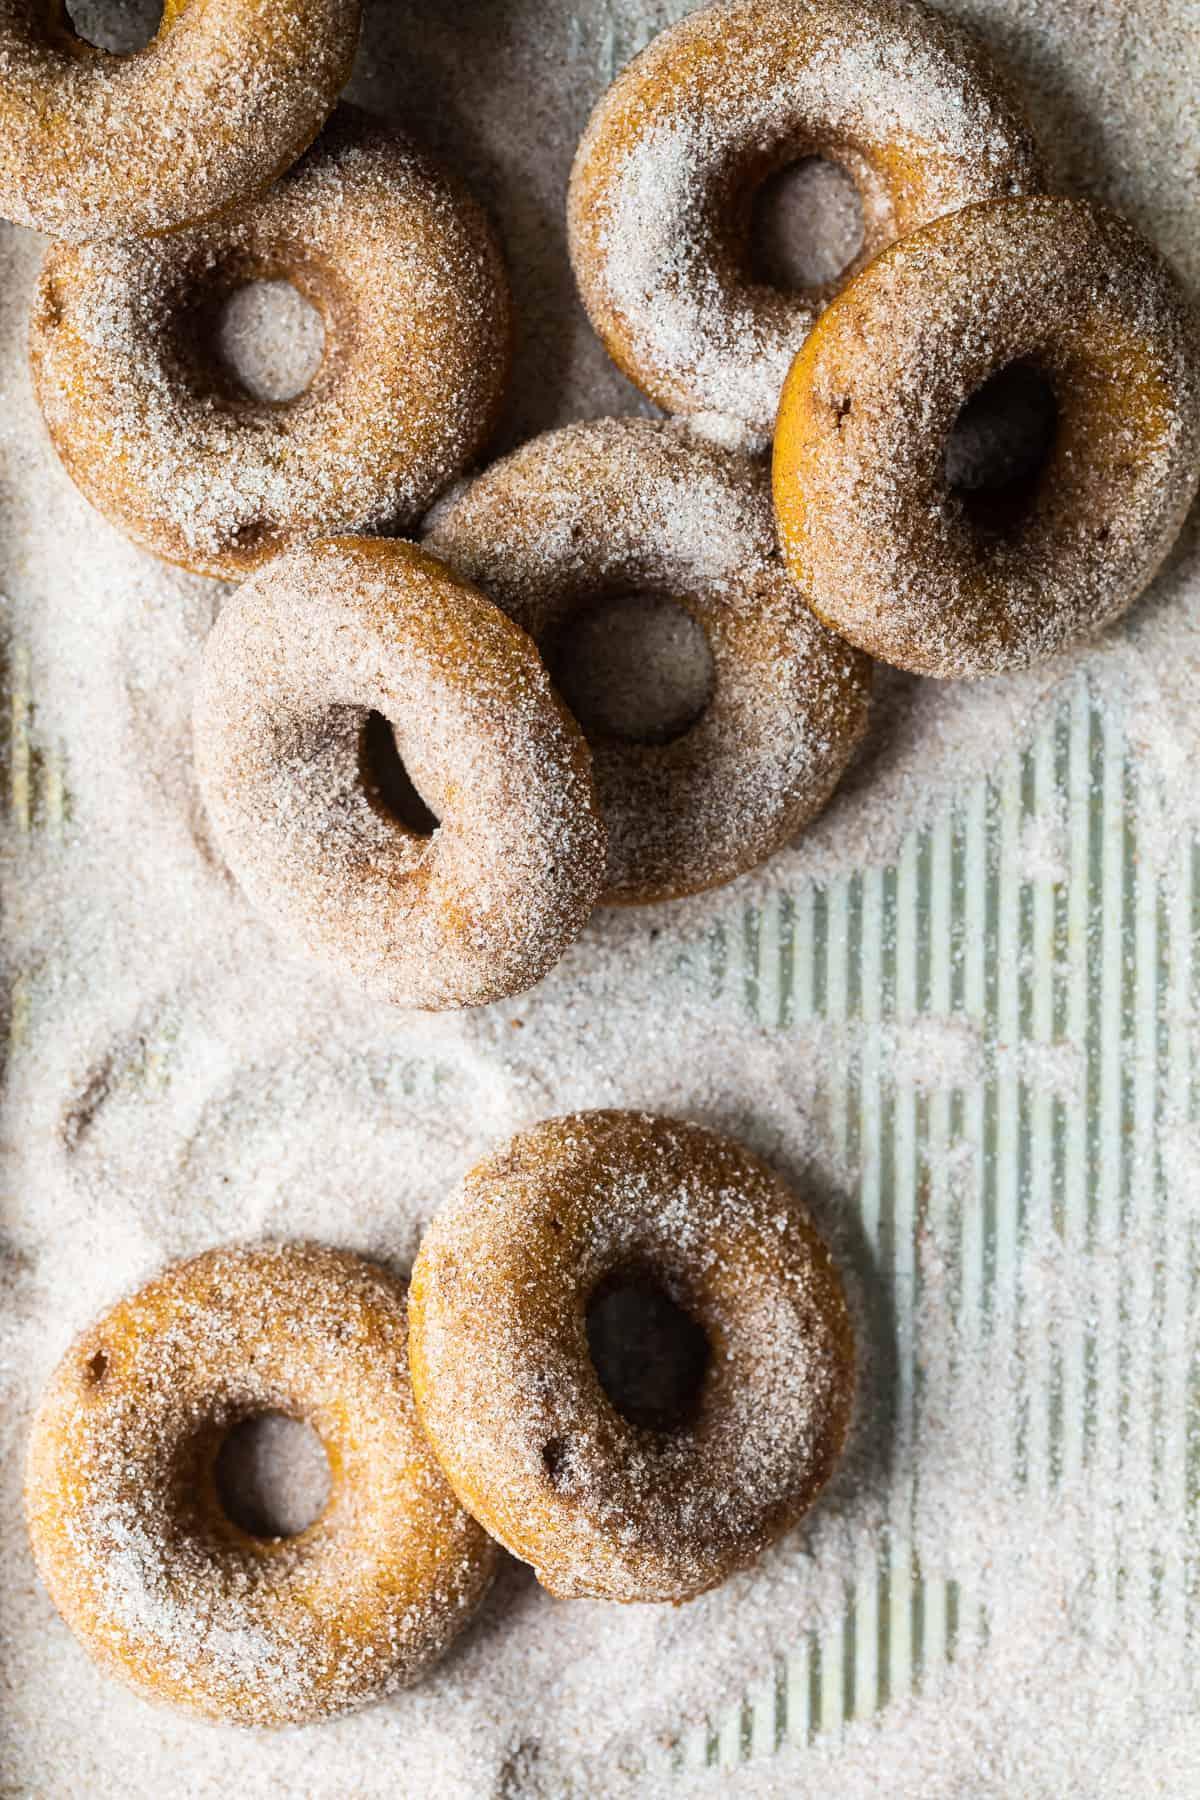 sugar doughnuts on a tray